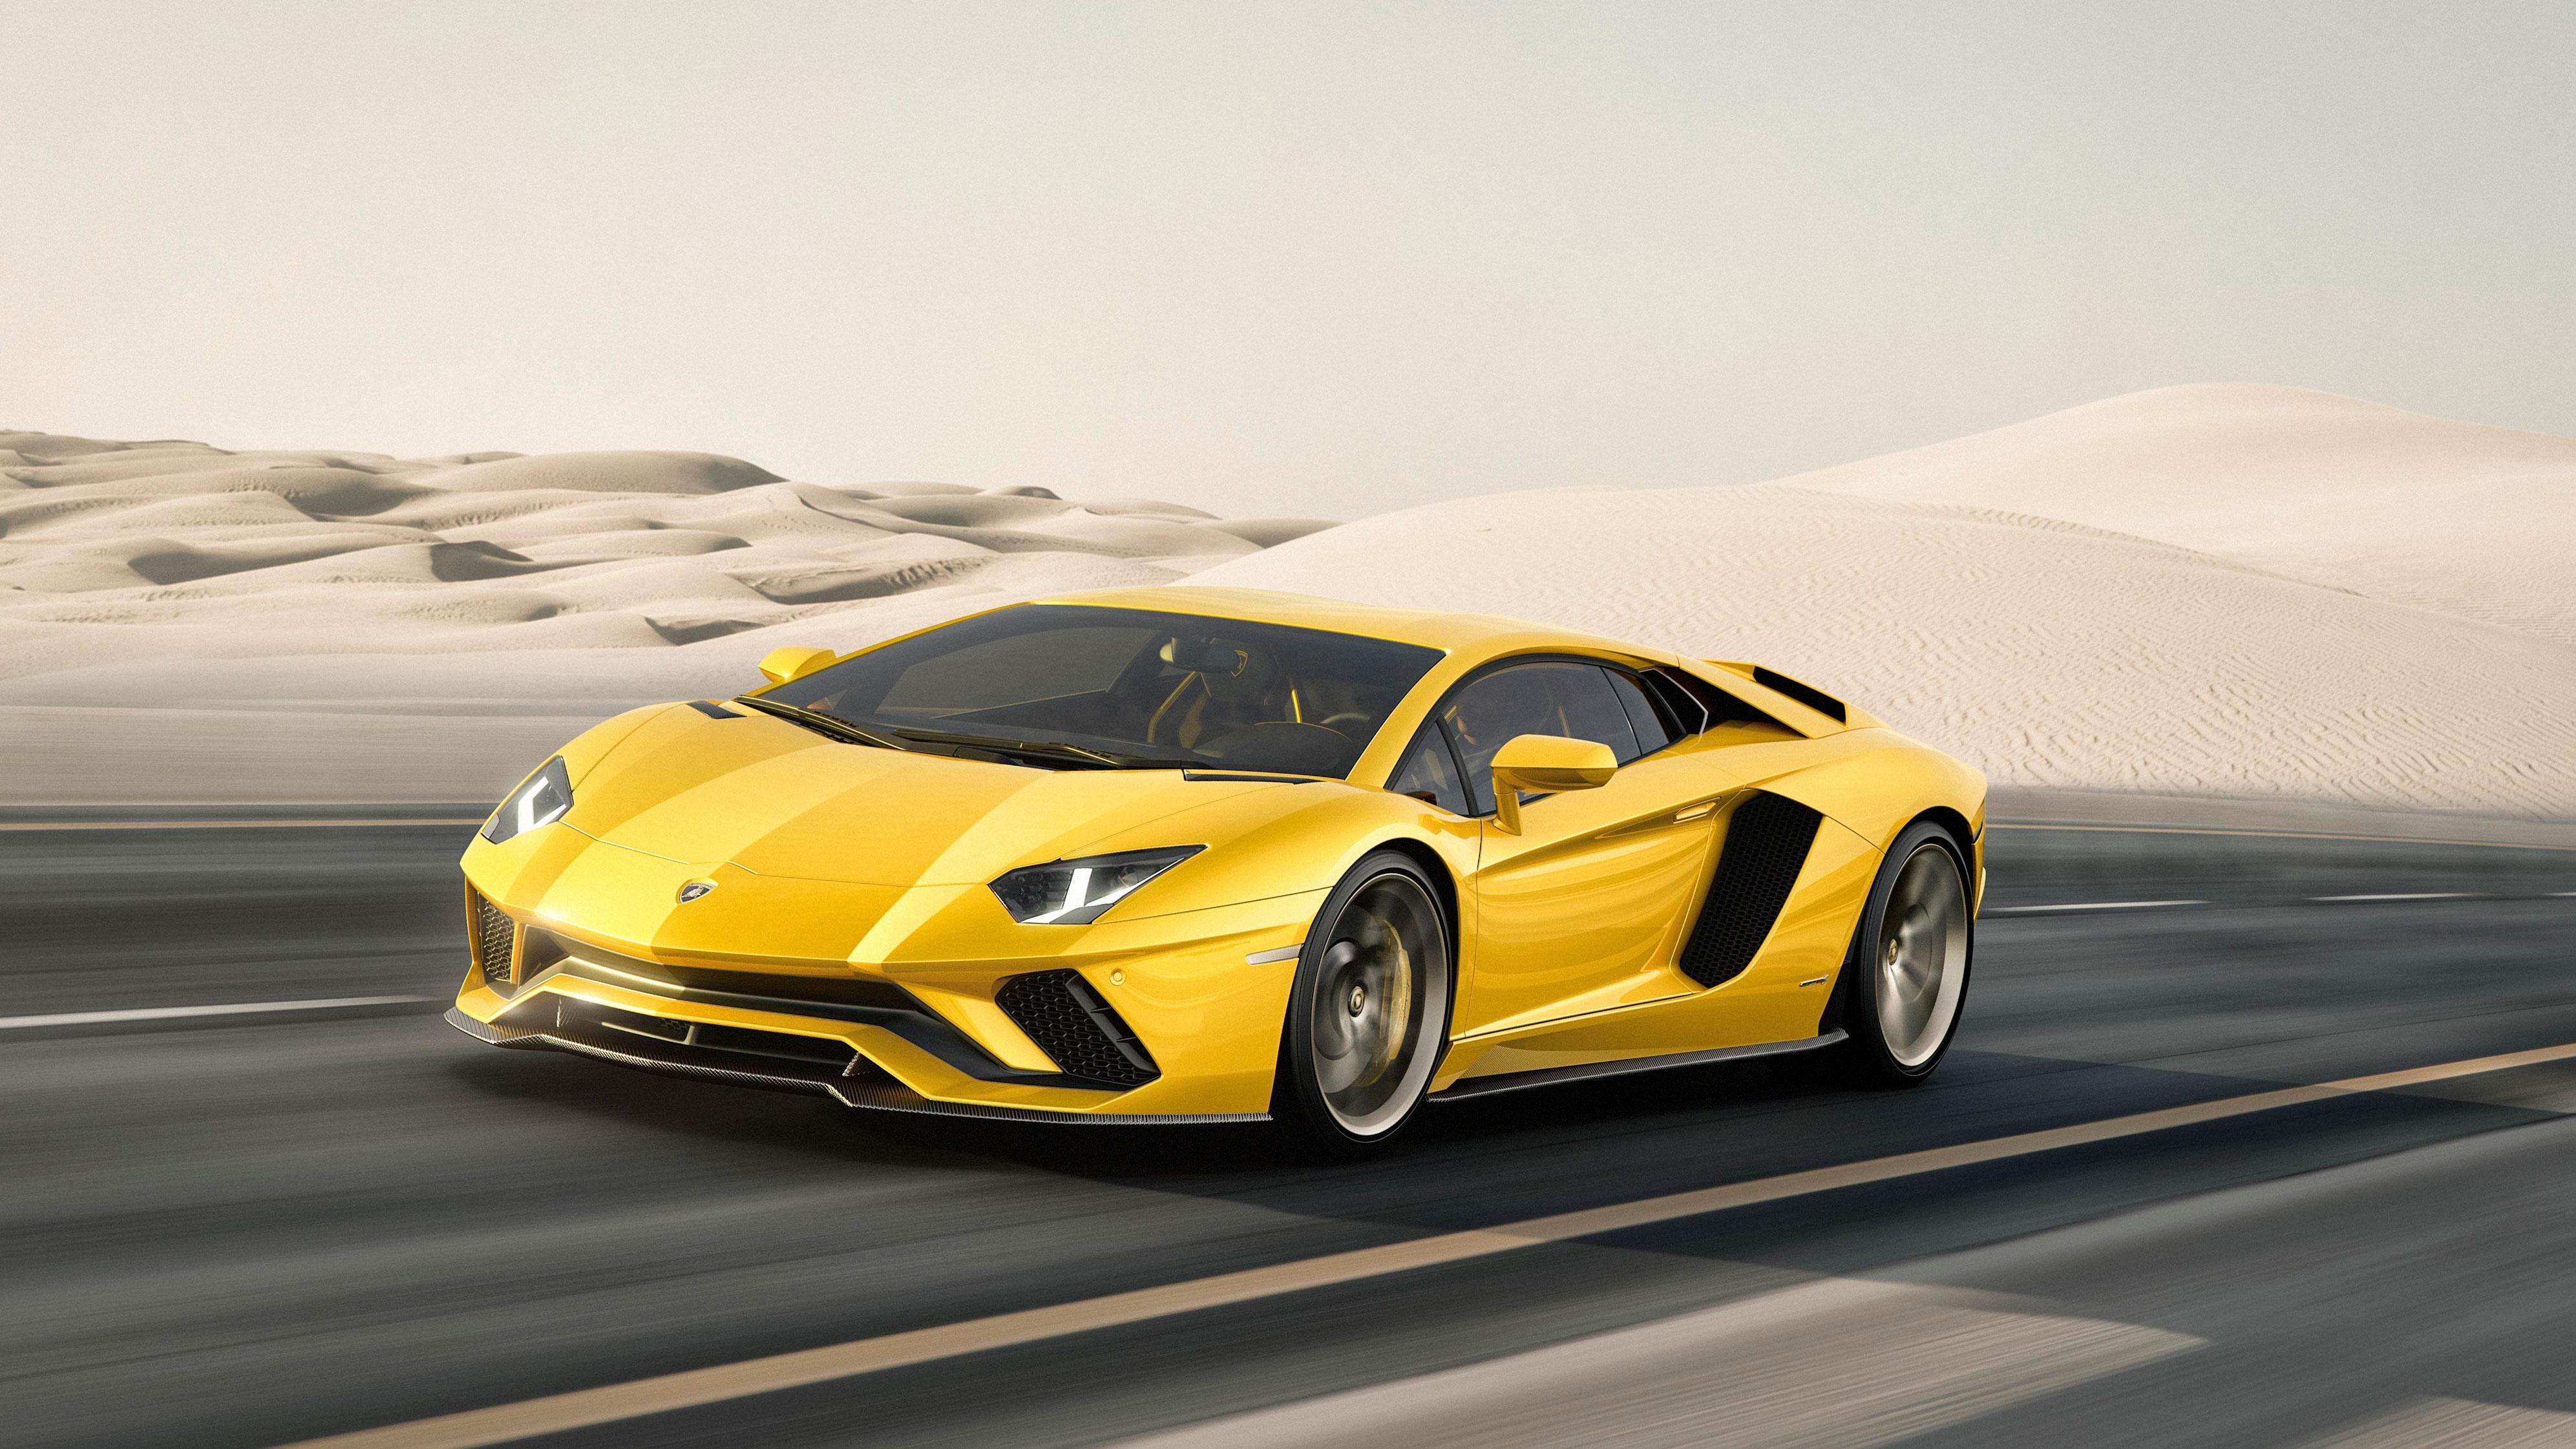 Blue Lamborghini Aventador Used Cars For Sale Autotrader Uk